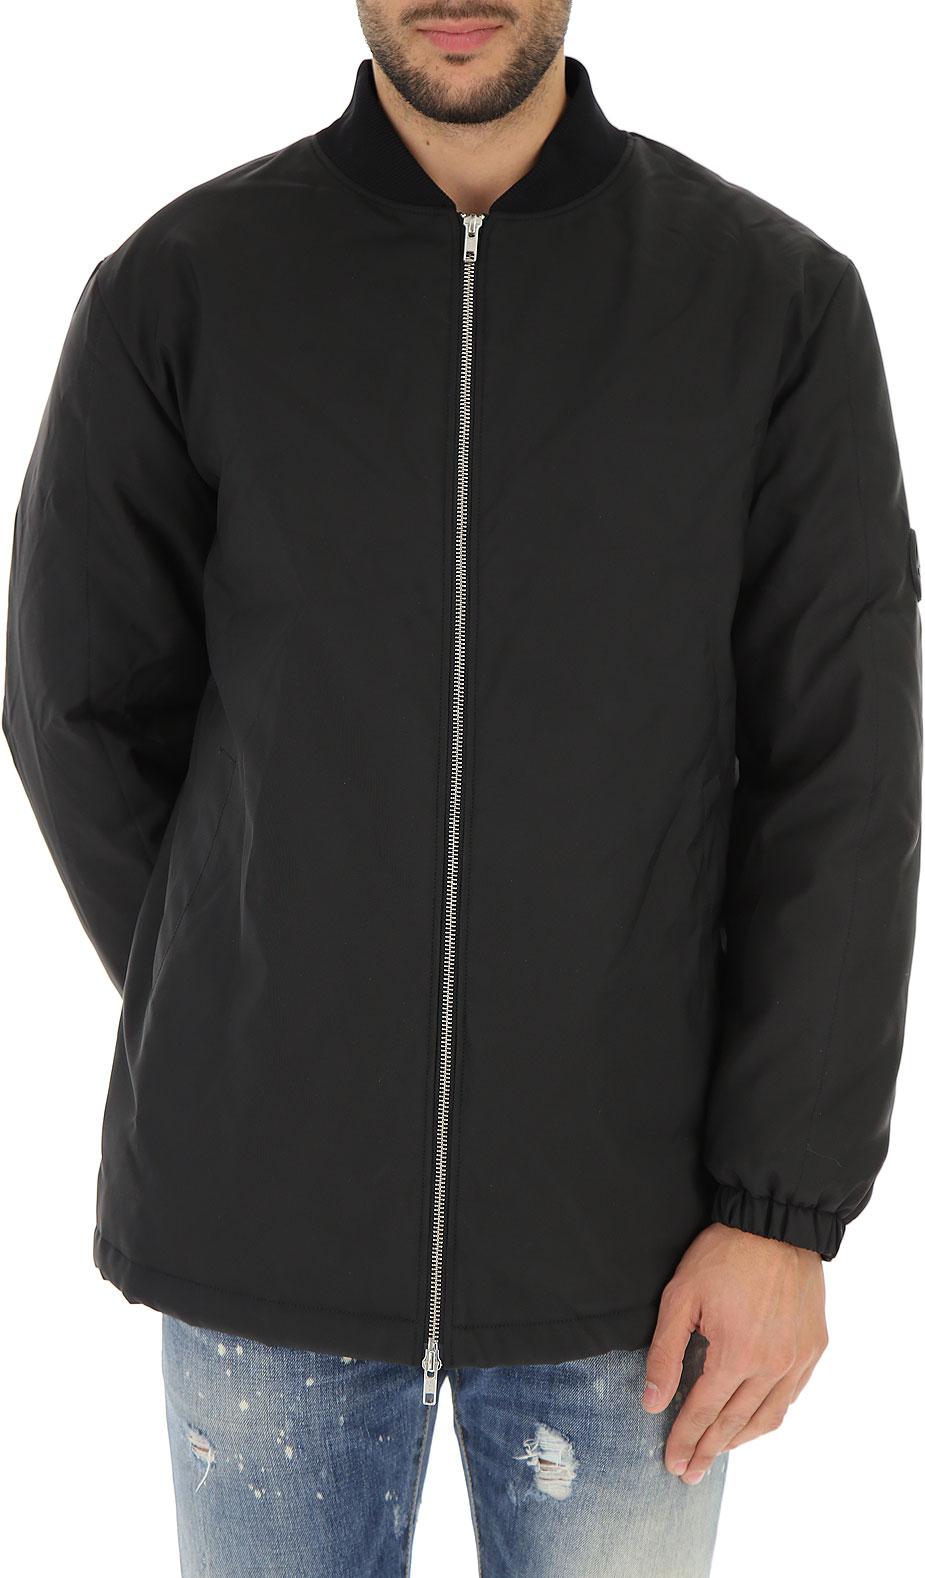 Abbigliamento Uomo McQ, Codice Articolo: 420272-riq29-1000